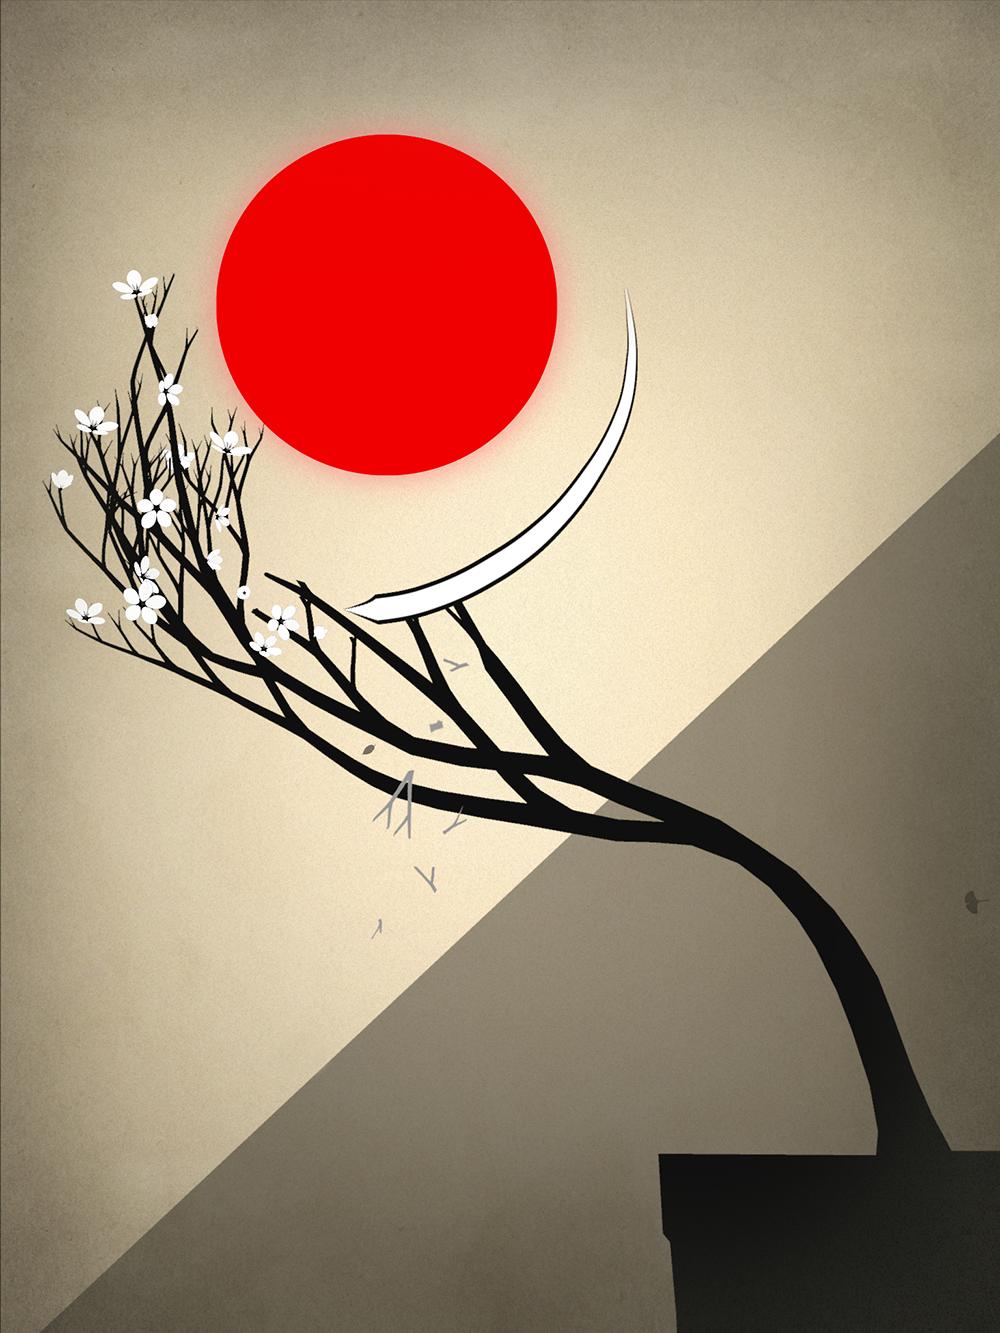 Screenshot: Mit einer wischenden Bewegung werden die Äste getrimmt, da sie in ein Hindernbis wachsen.